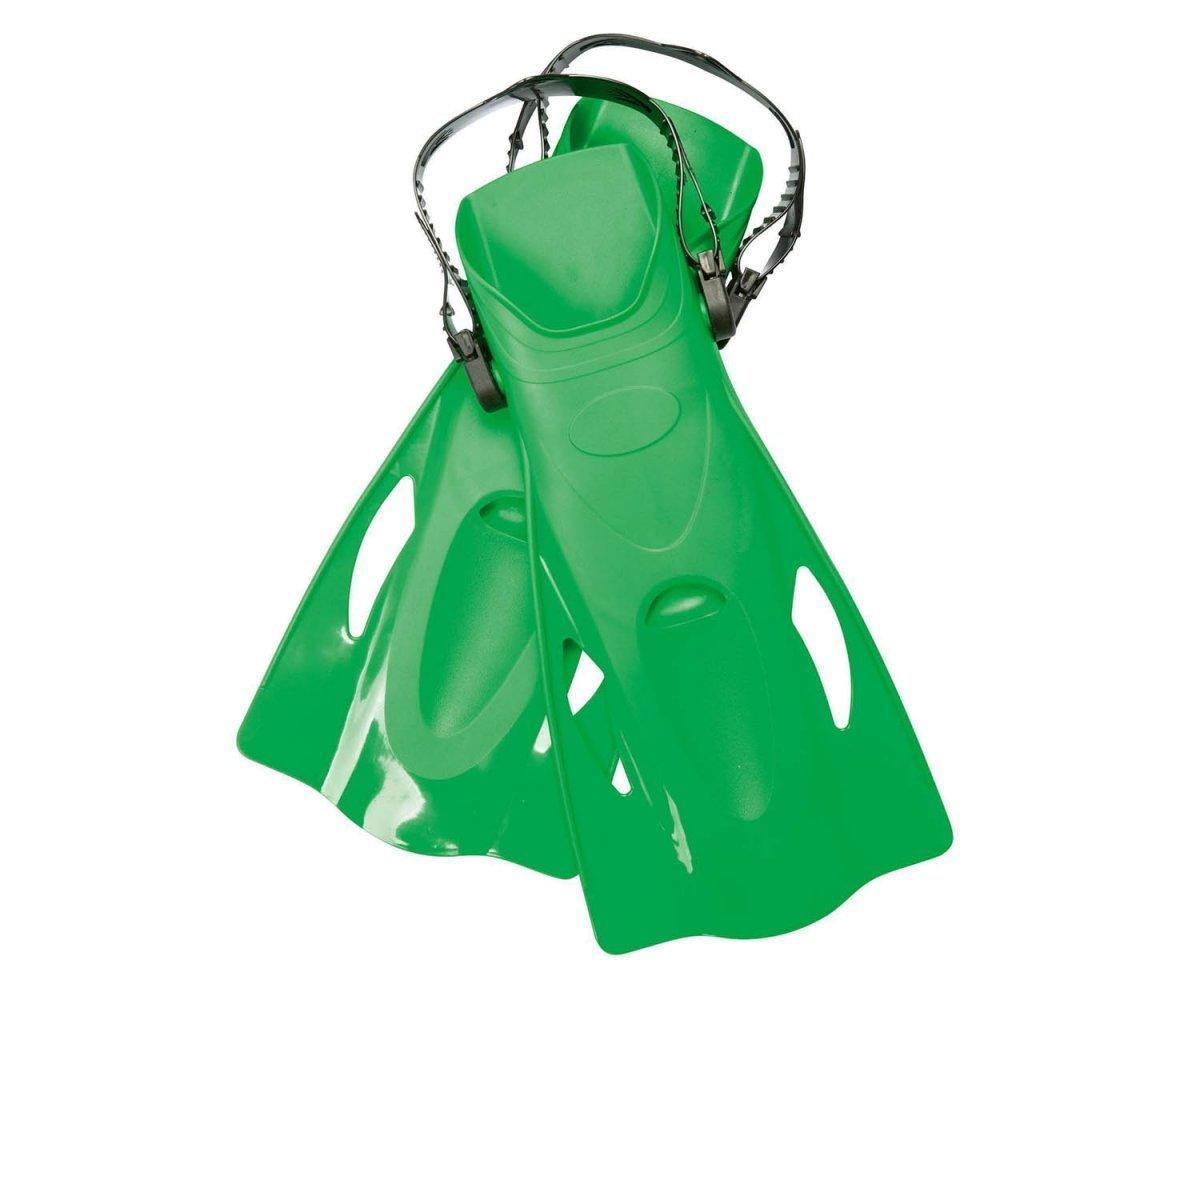 Ласты для плавания Bestway 27027, размер M, 37 (EU), под стопу ≈ 24 см, зеленые